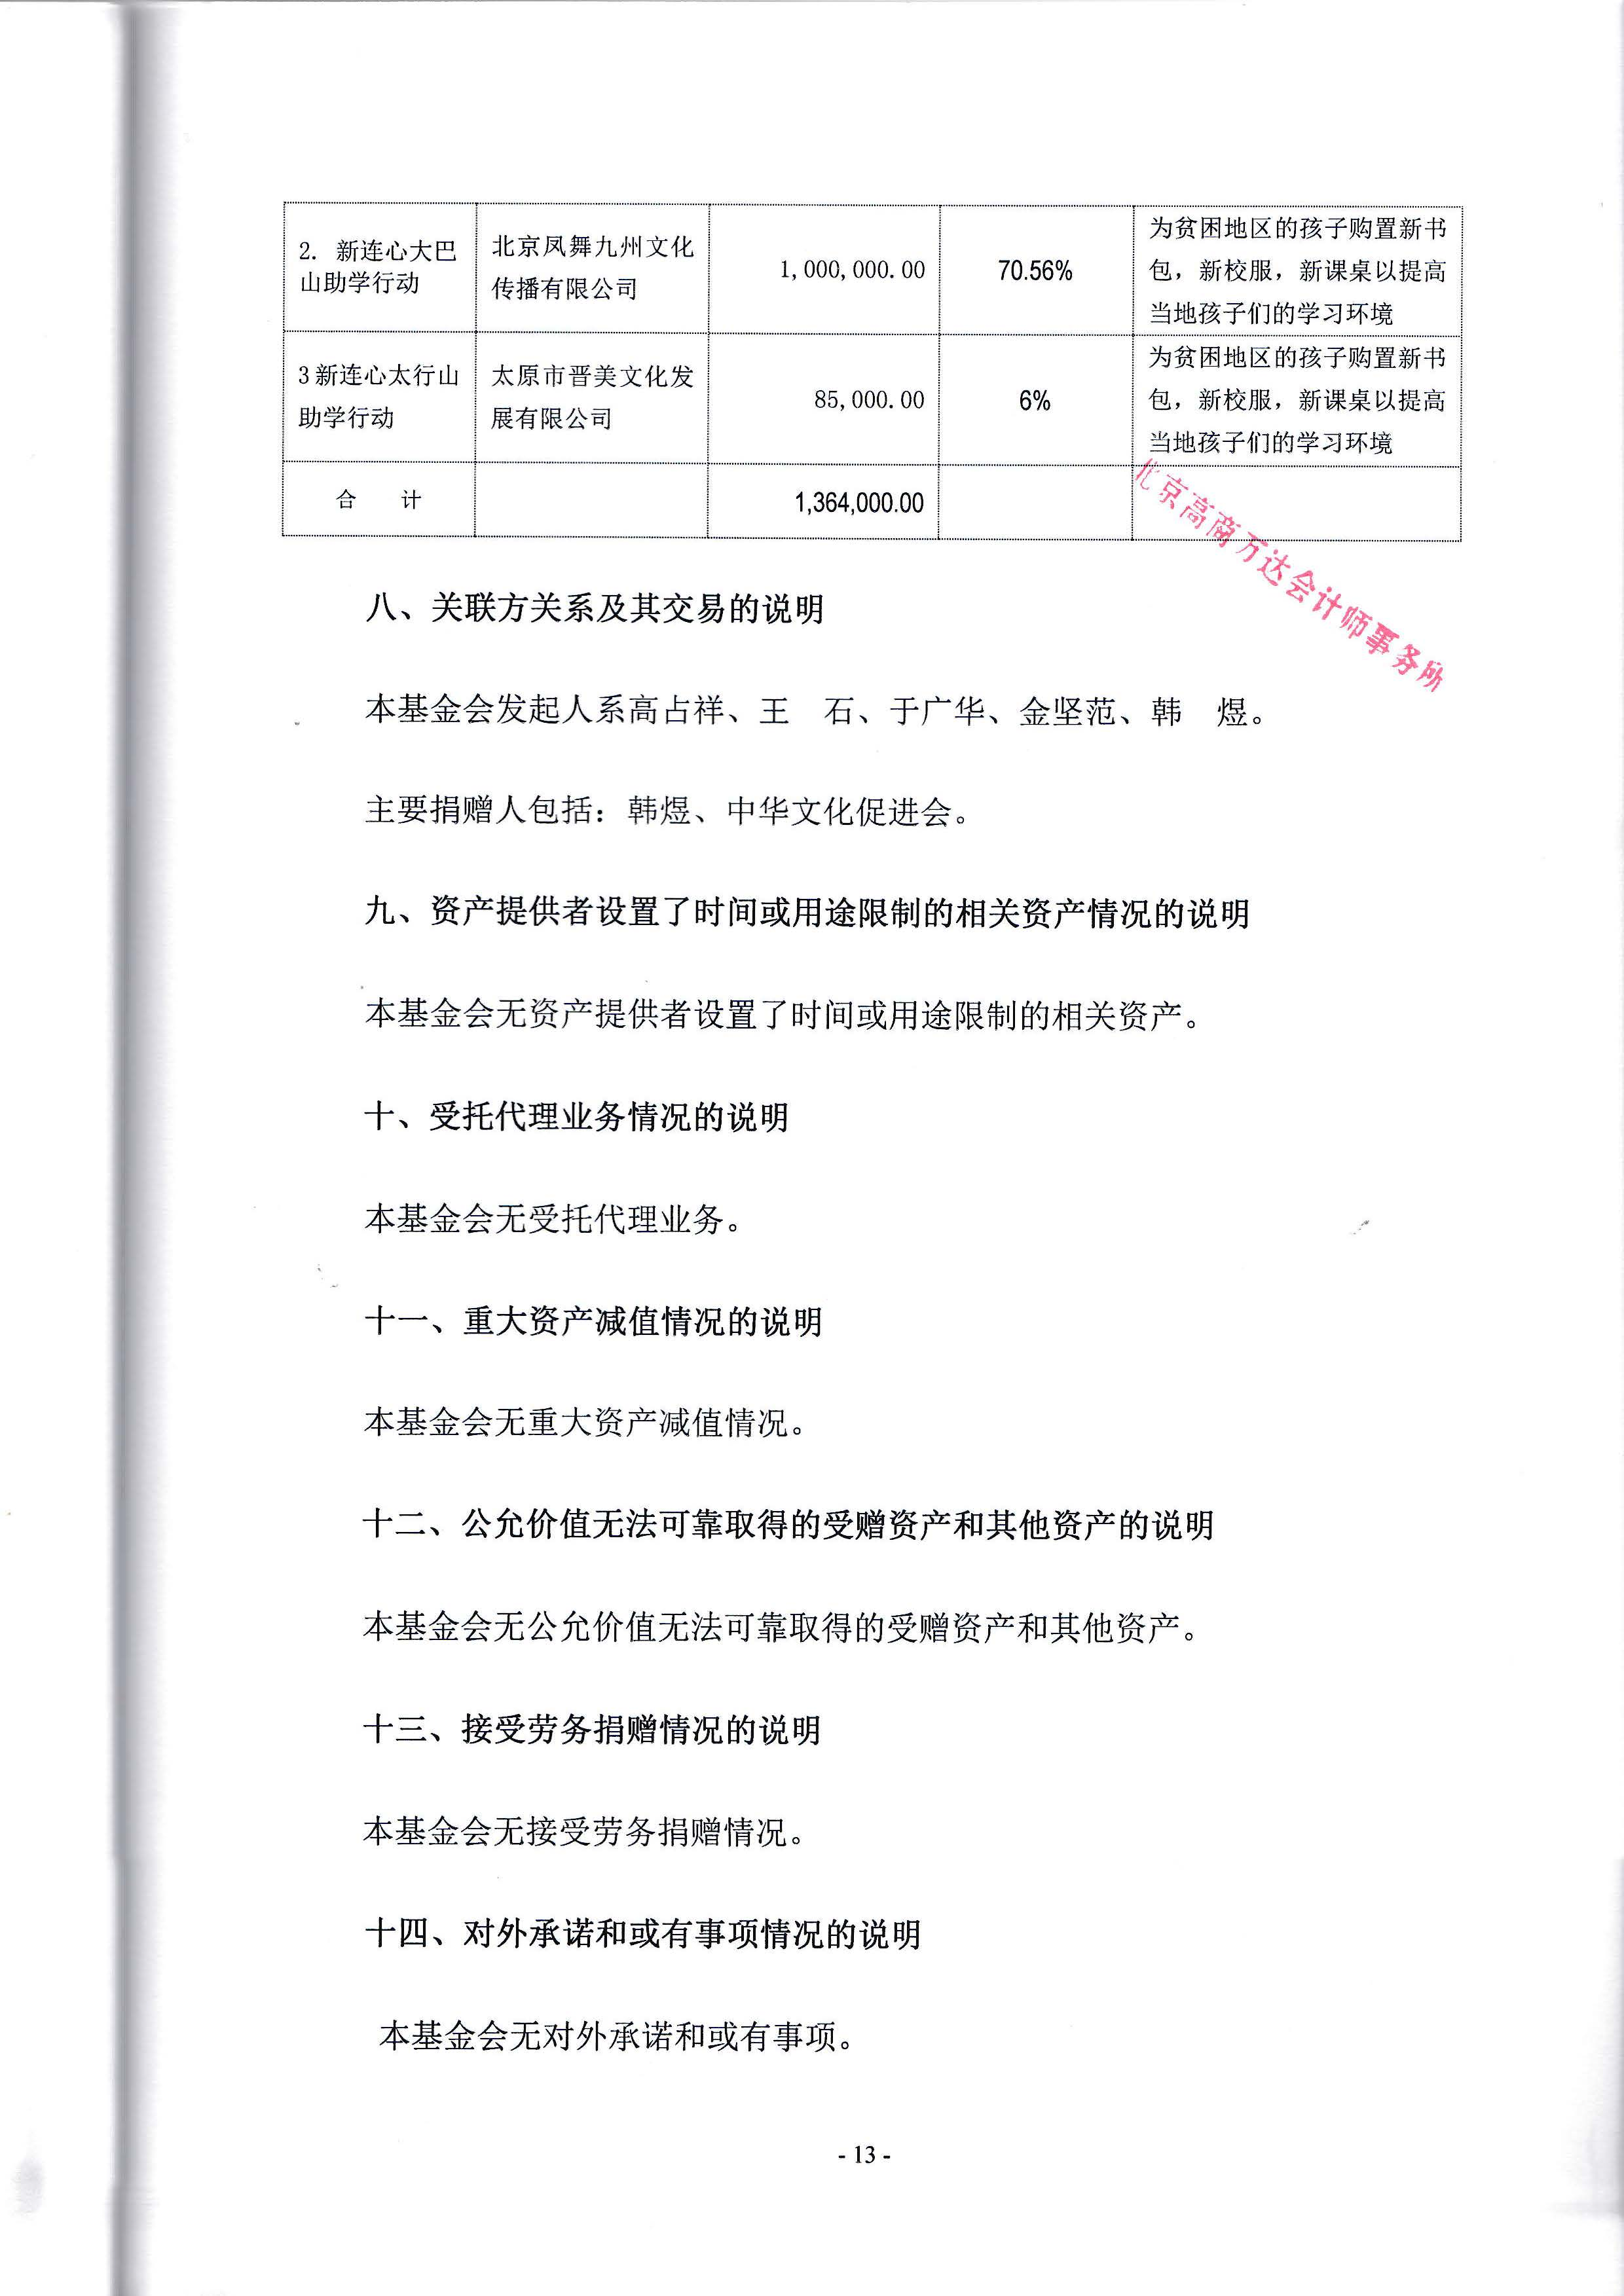 2014年审计报告_页面_15